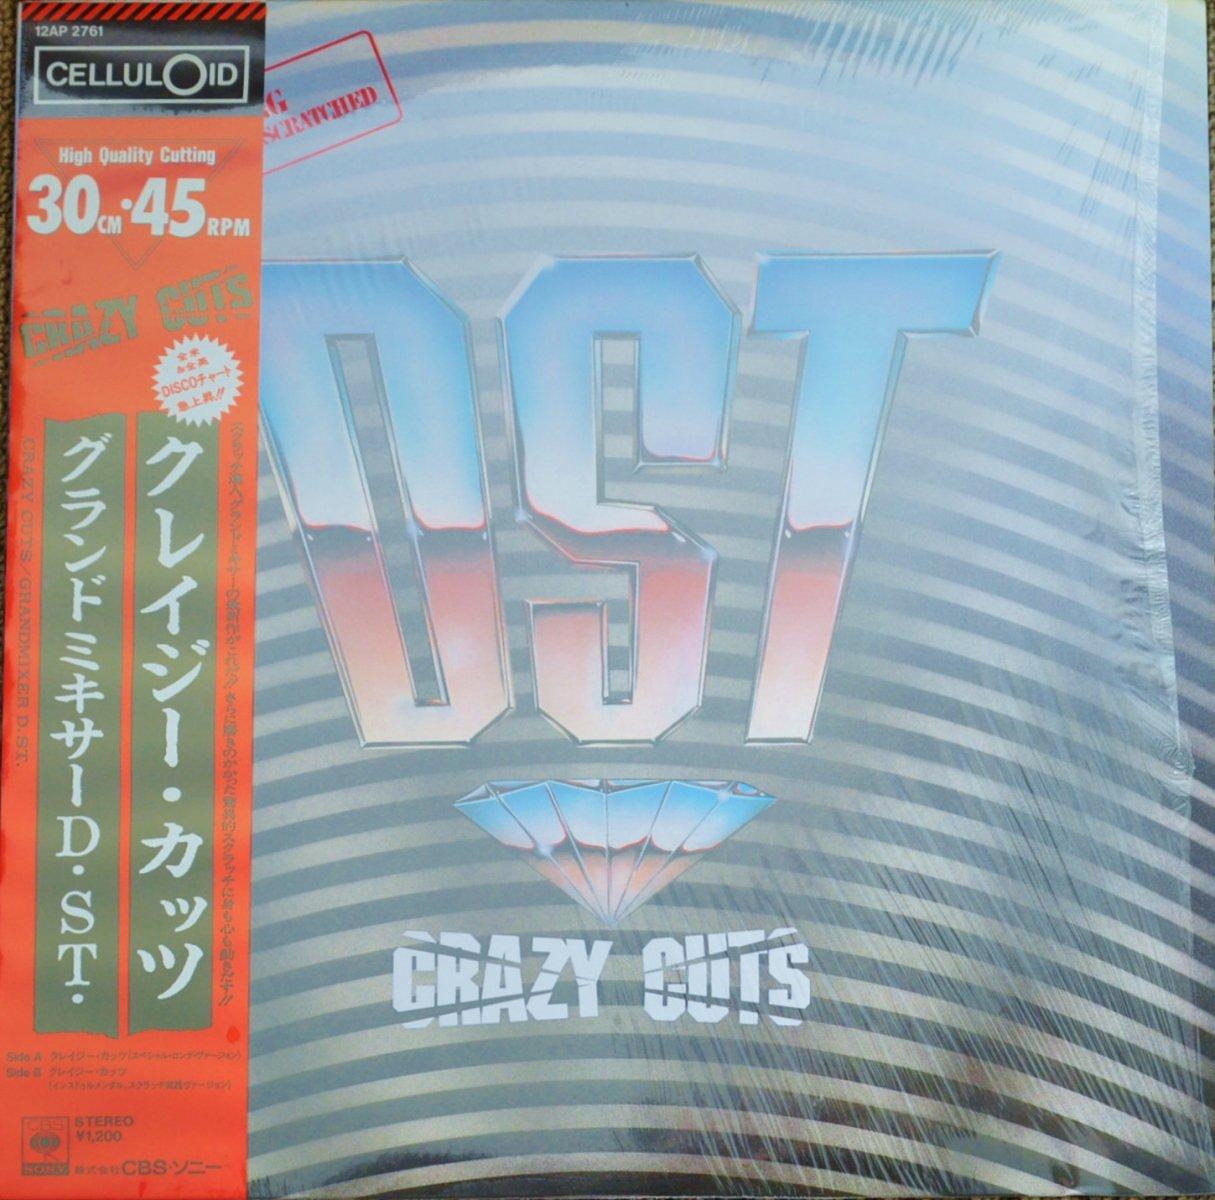 グランドミキサーD.ST GRAND MIXER D.ST. / クレイジー・カッツ CRAZY CUTS (12